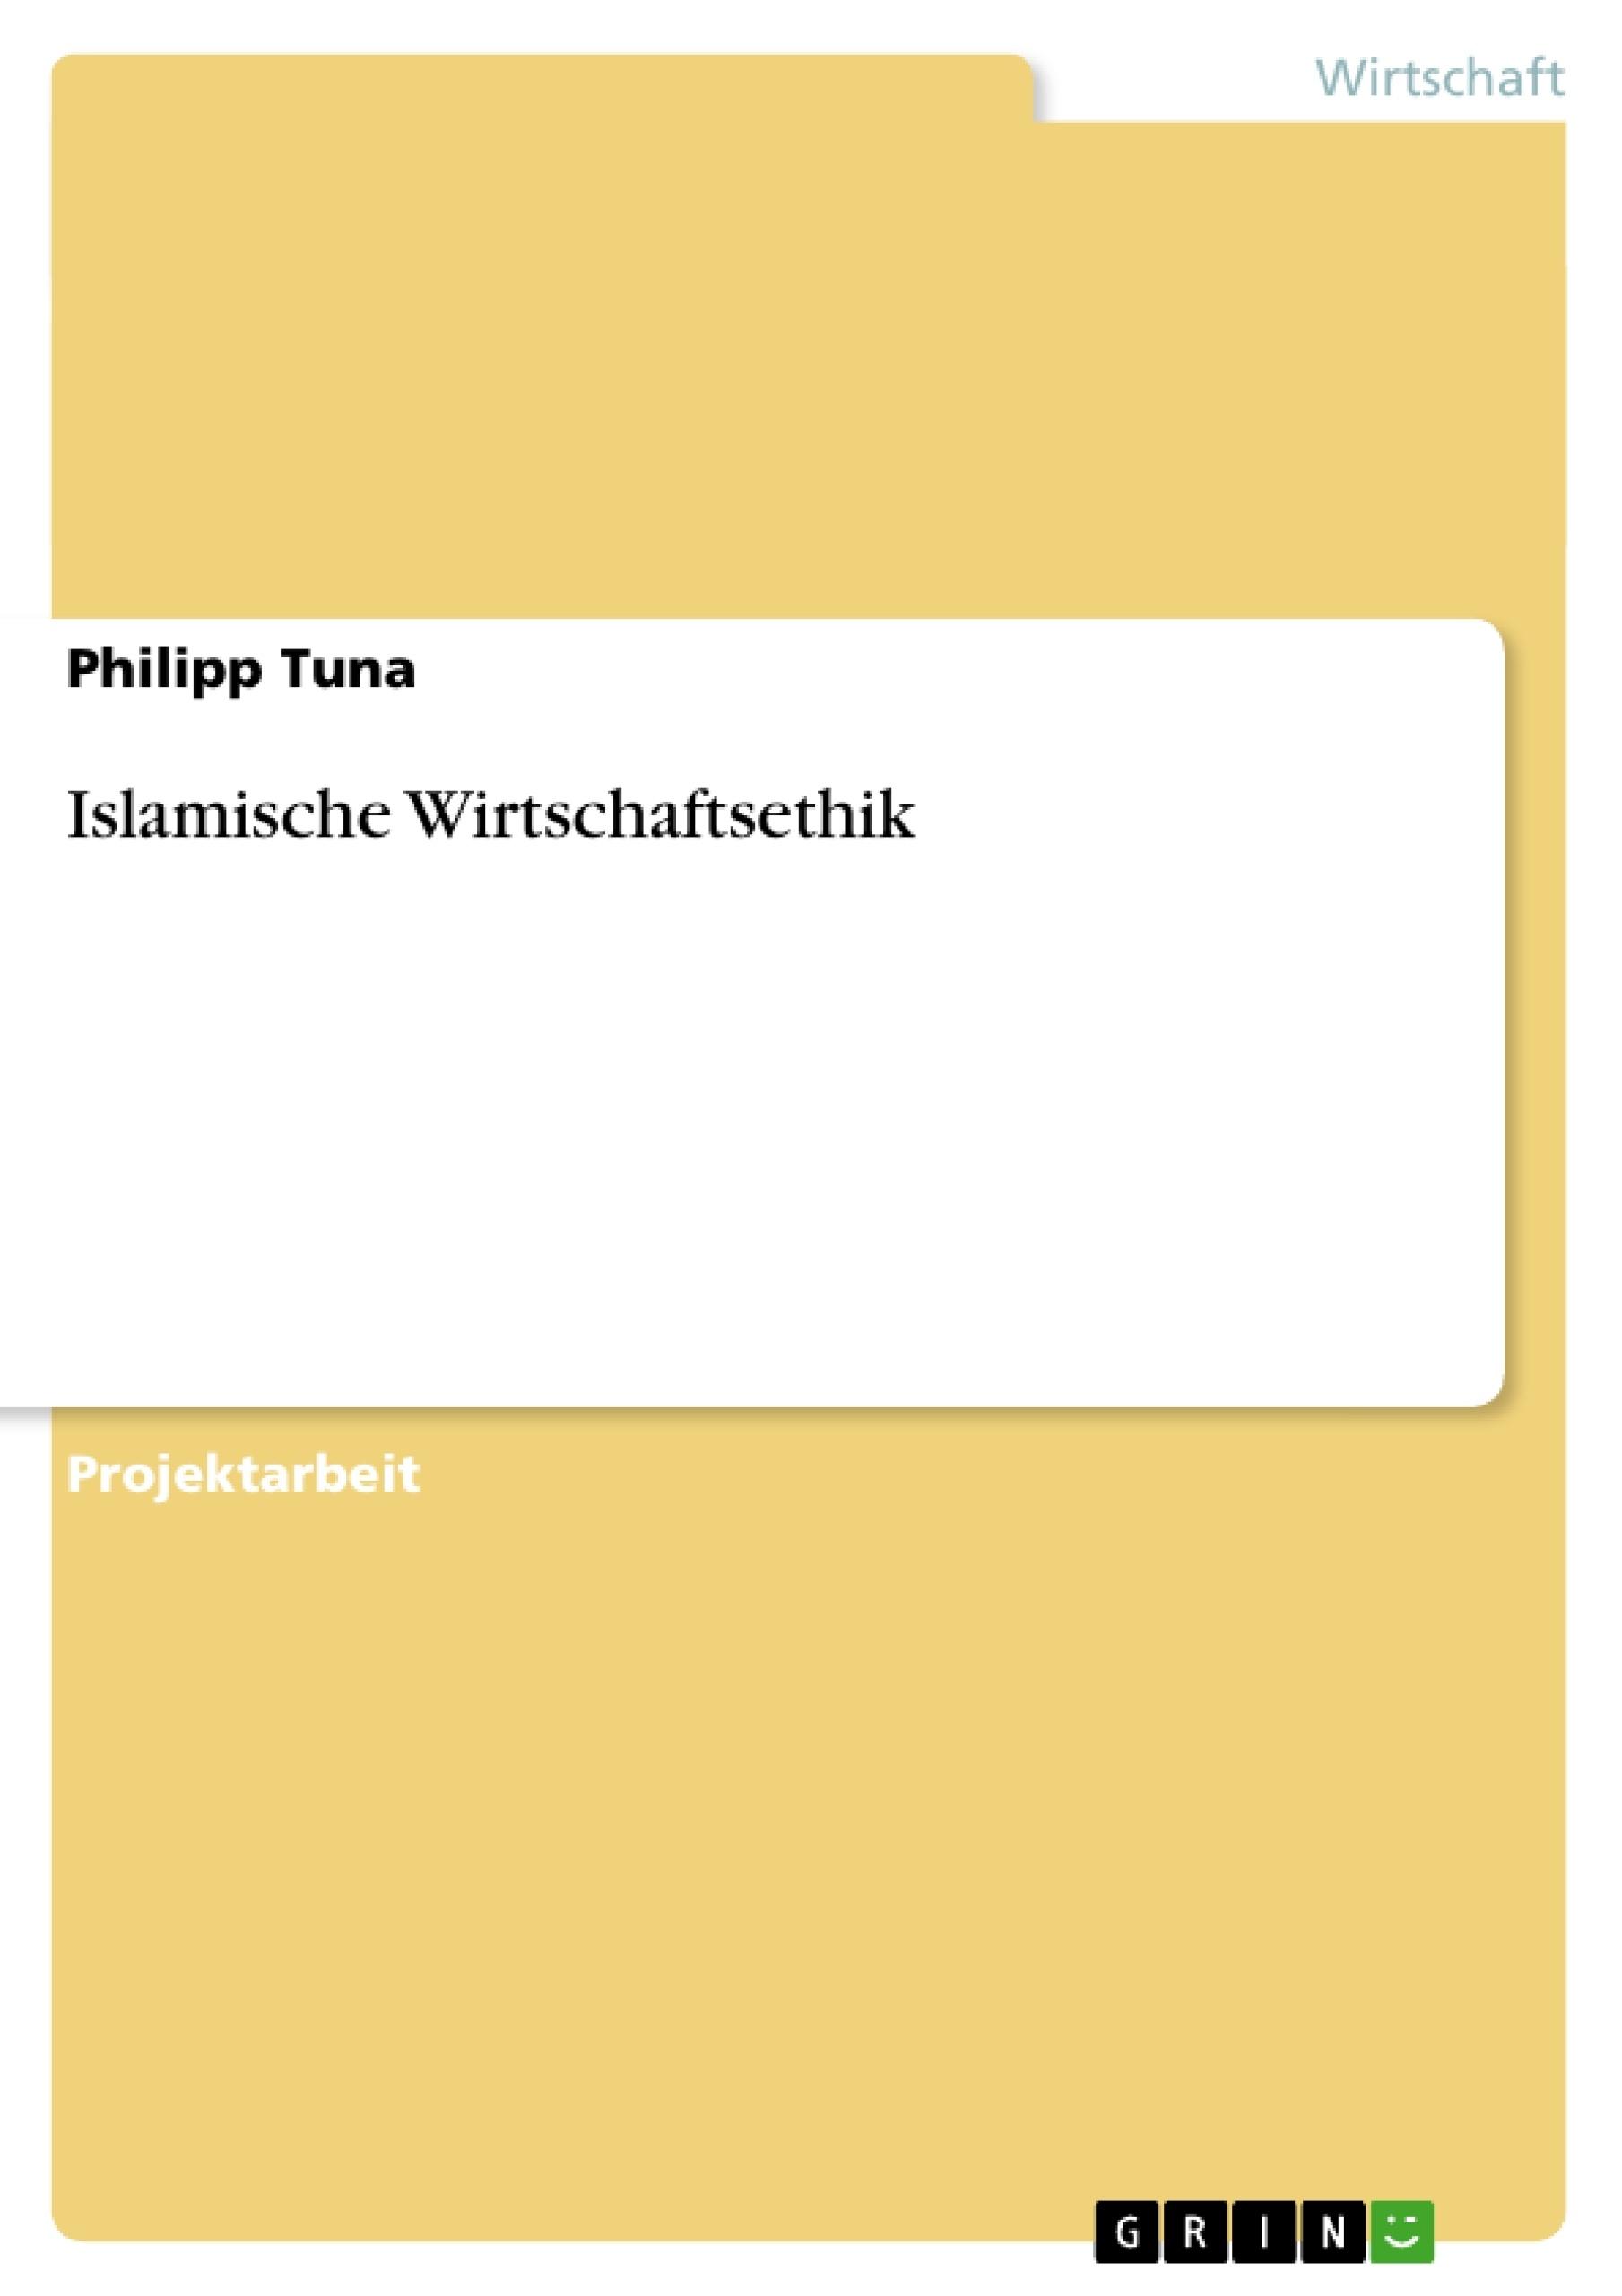 Titel: Islamische Wirtschaftsethik